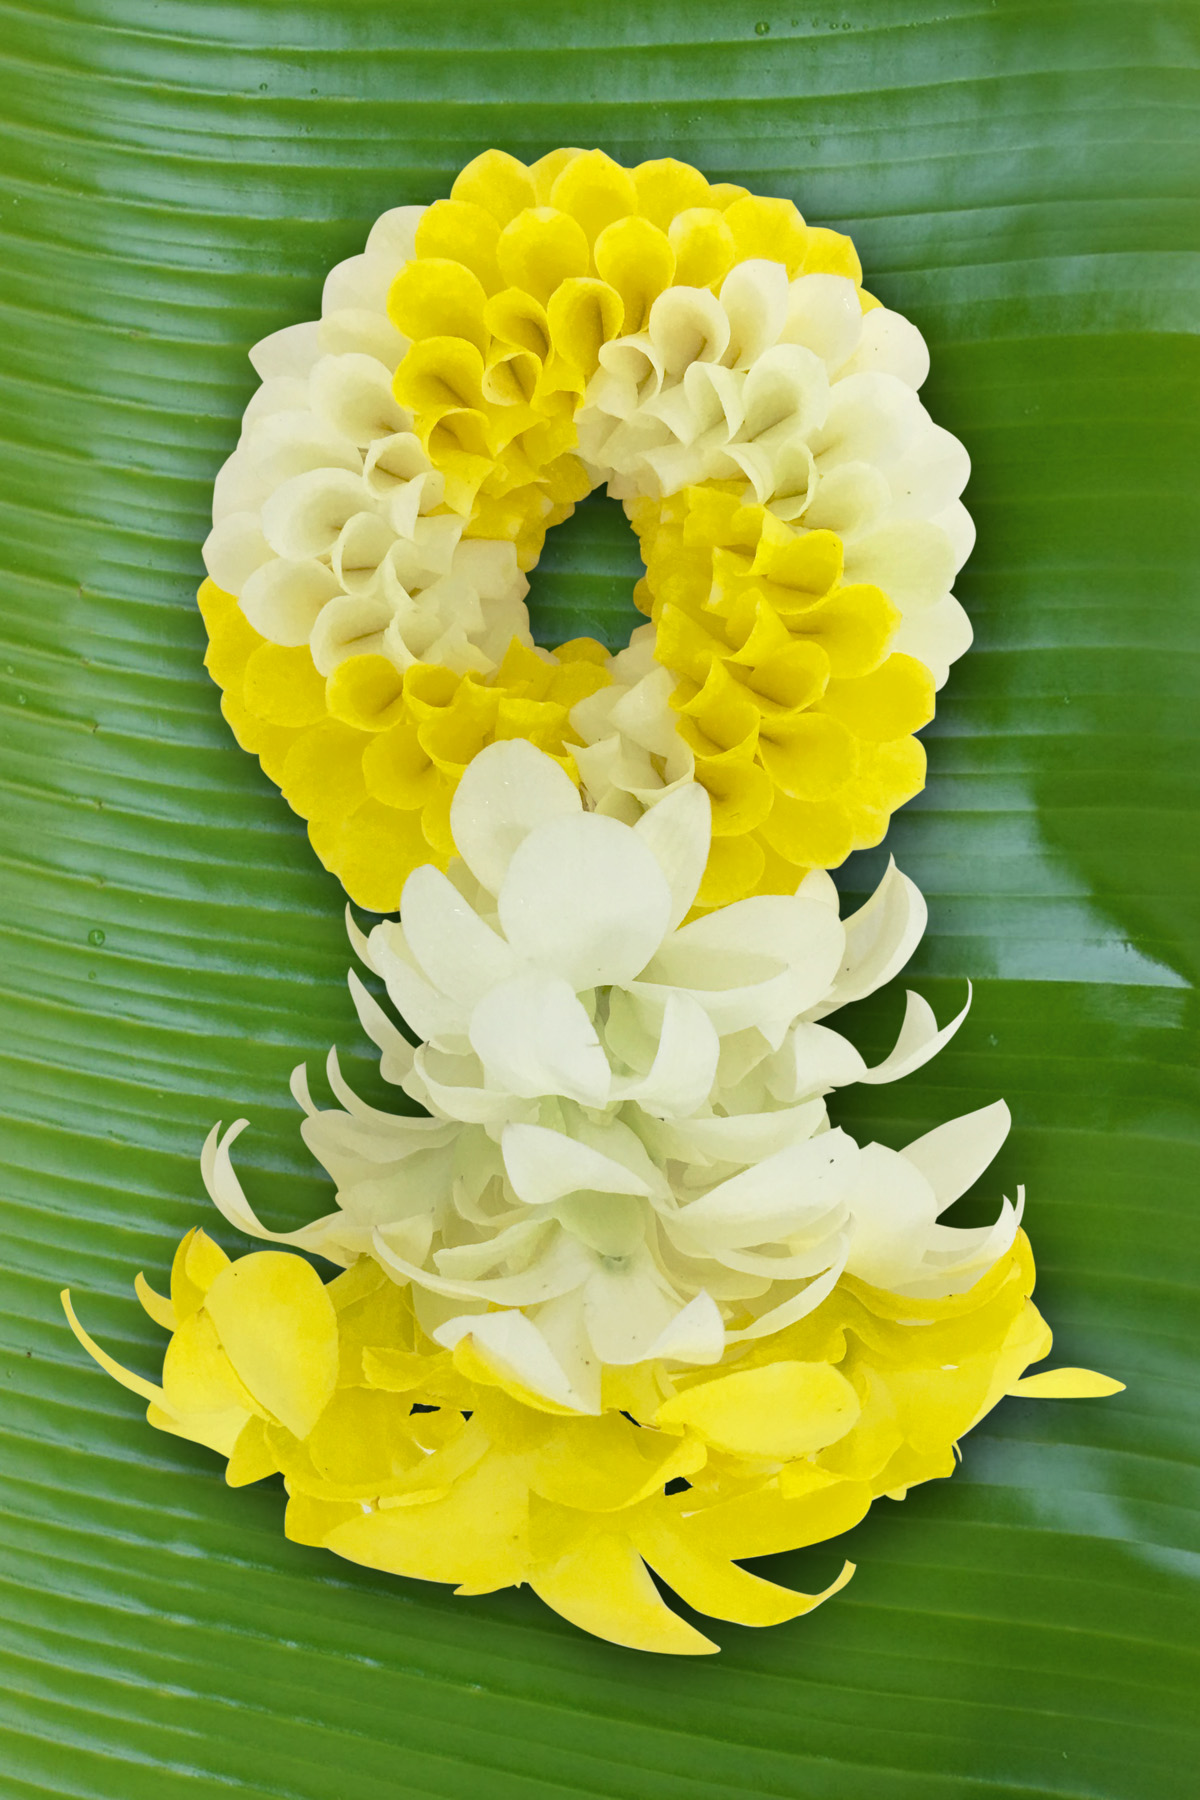 พวงมาลัยดอกไม้สด ขนาดกลาง รหัส 3304